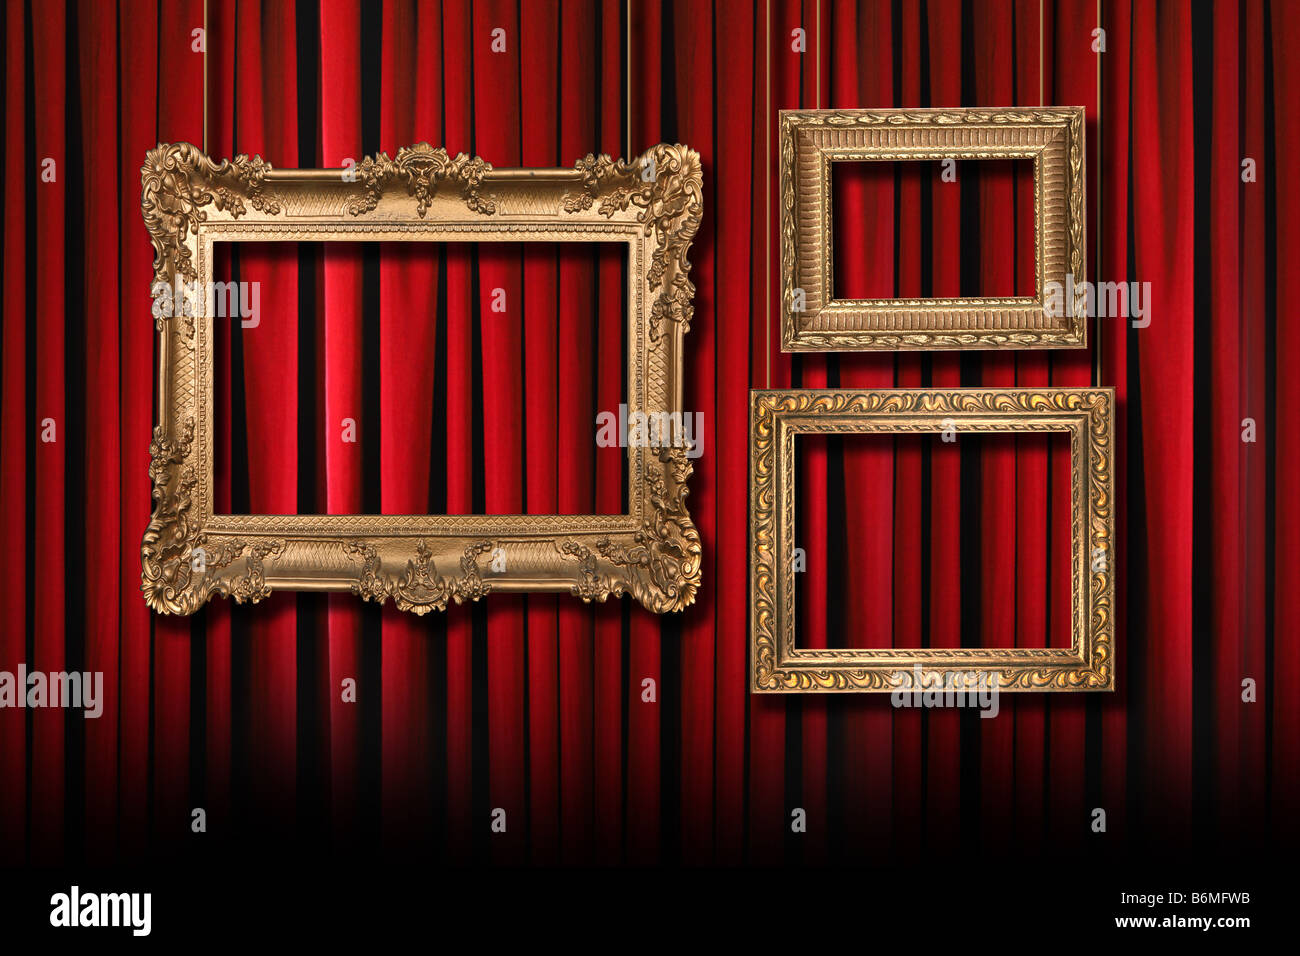 Red Stage Theater Vorhänge mit 3 Frames hängenden Gold Stockfoto ...